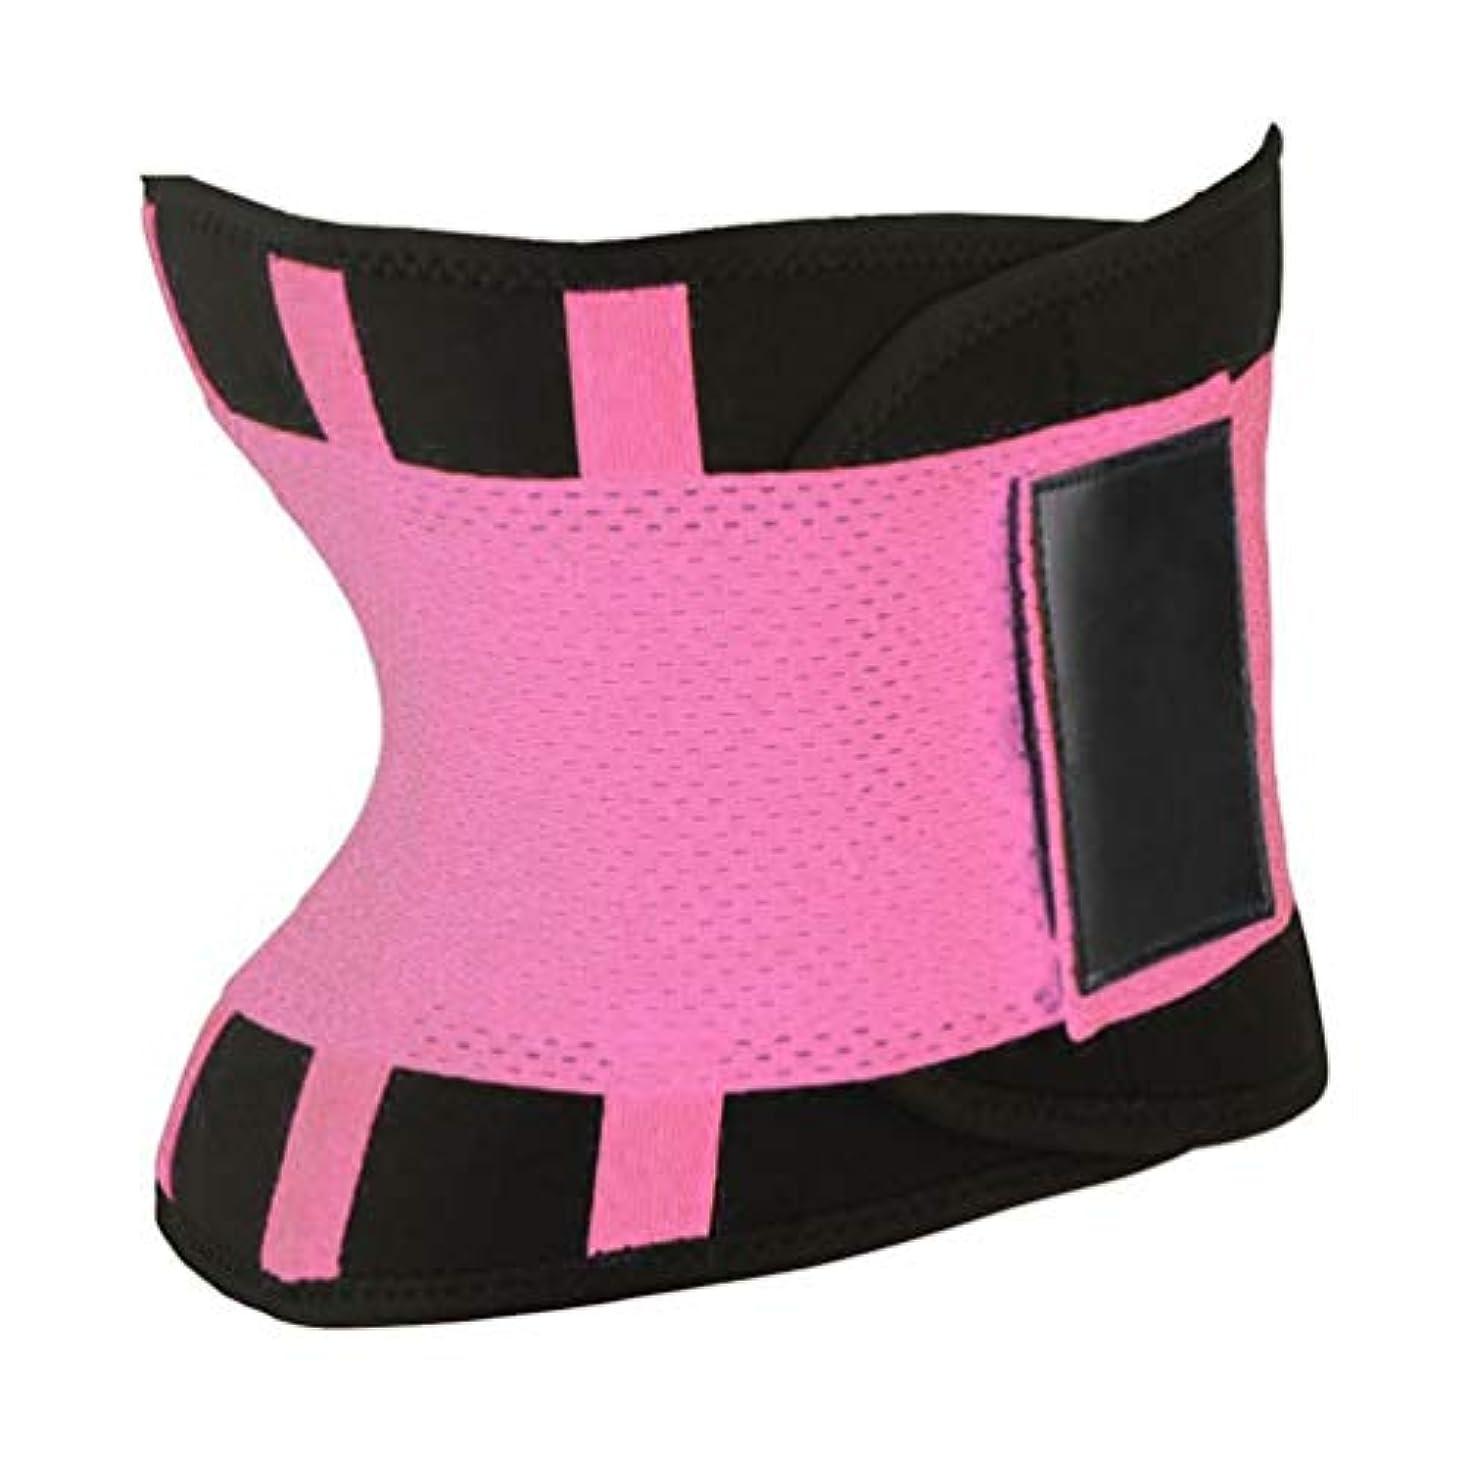 過半数オーバーコート休日に快適な女性ボディシェイパー痩身シェイパーベルトスポーツ女性ウエストトレーナーニッパー制御バーニングボディおなかベルト - ピンク2xl